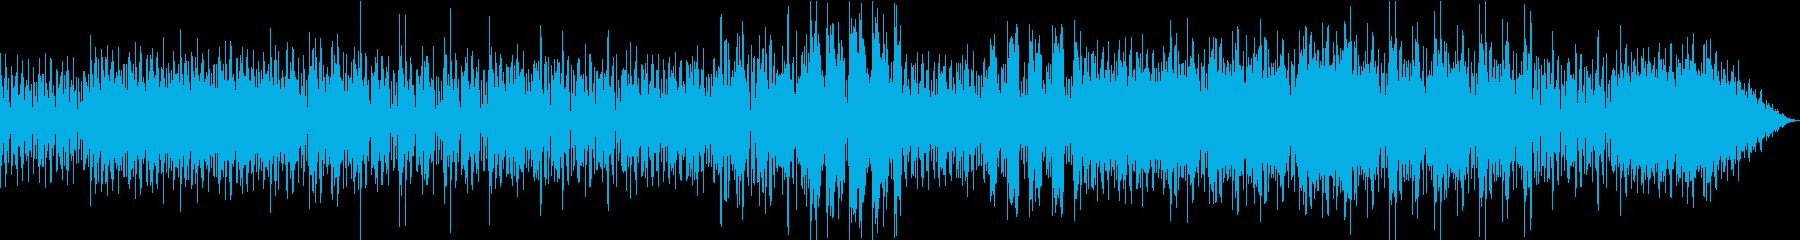 宇宙遊泳の再生済みの波形